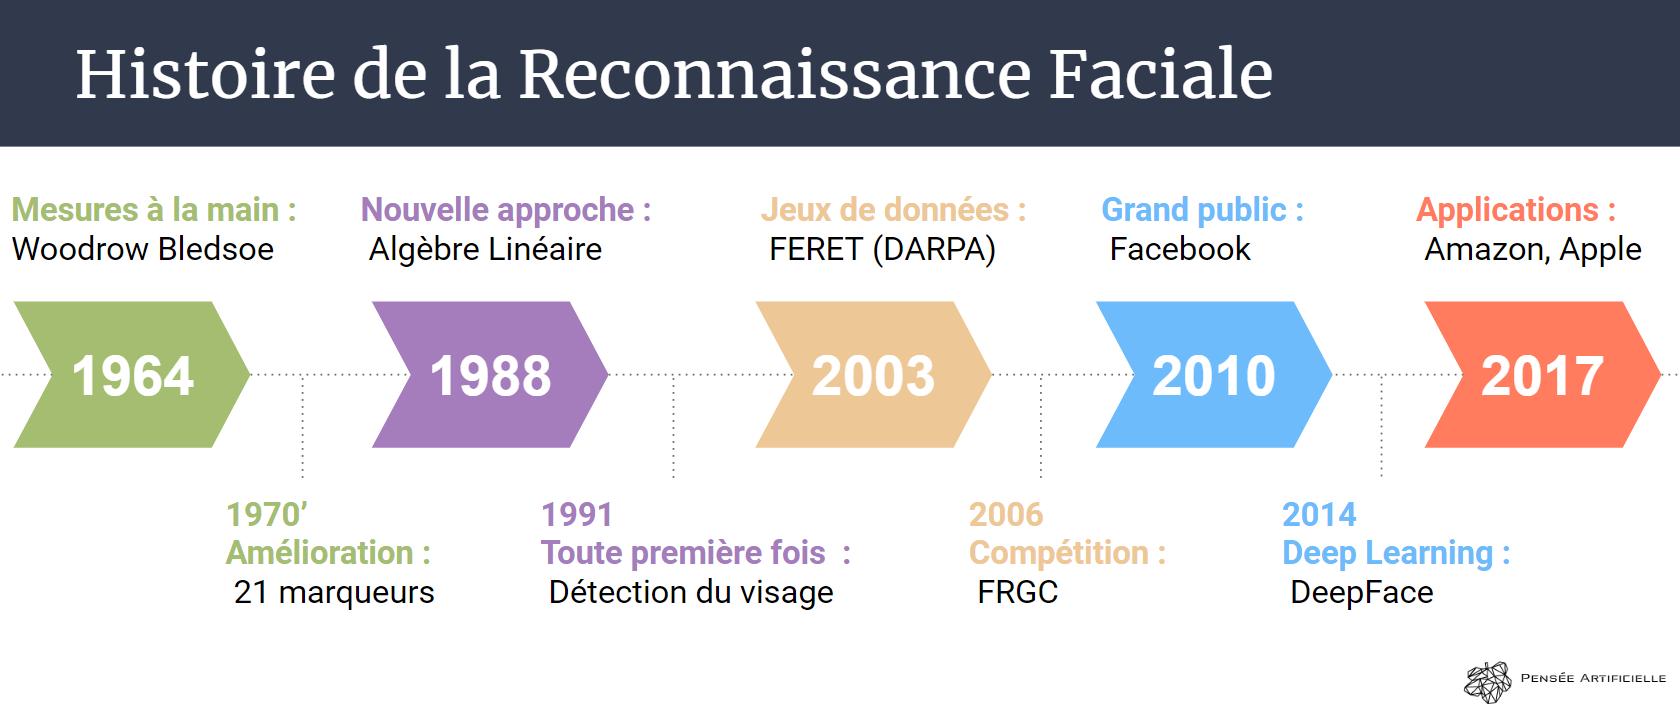 l'histoire de la reconnaissance faciale